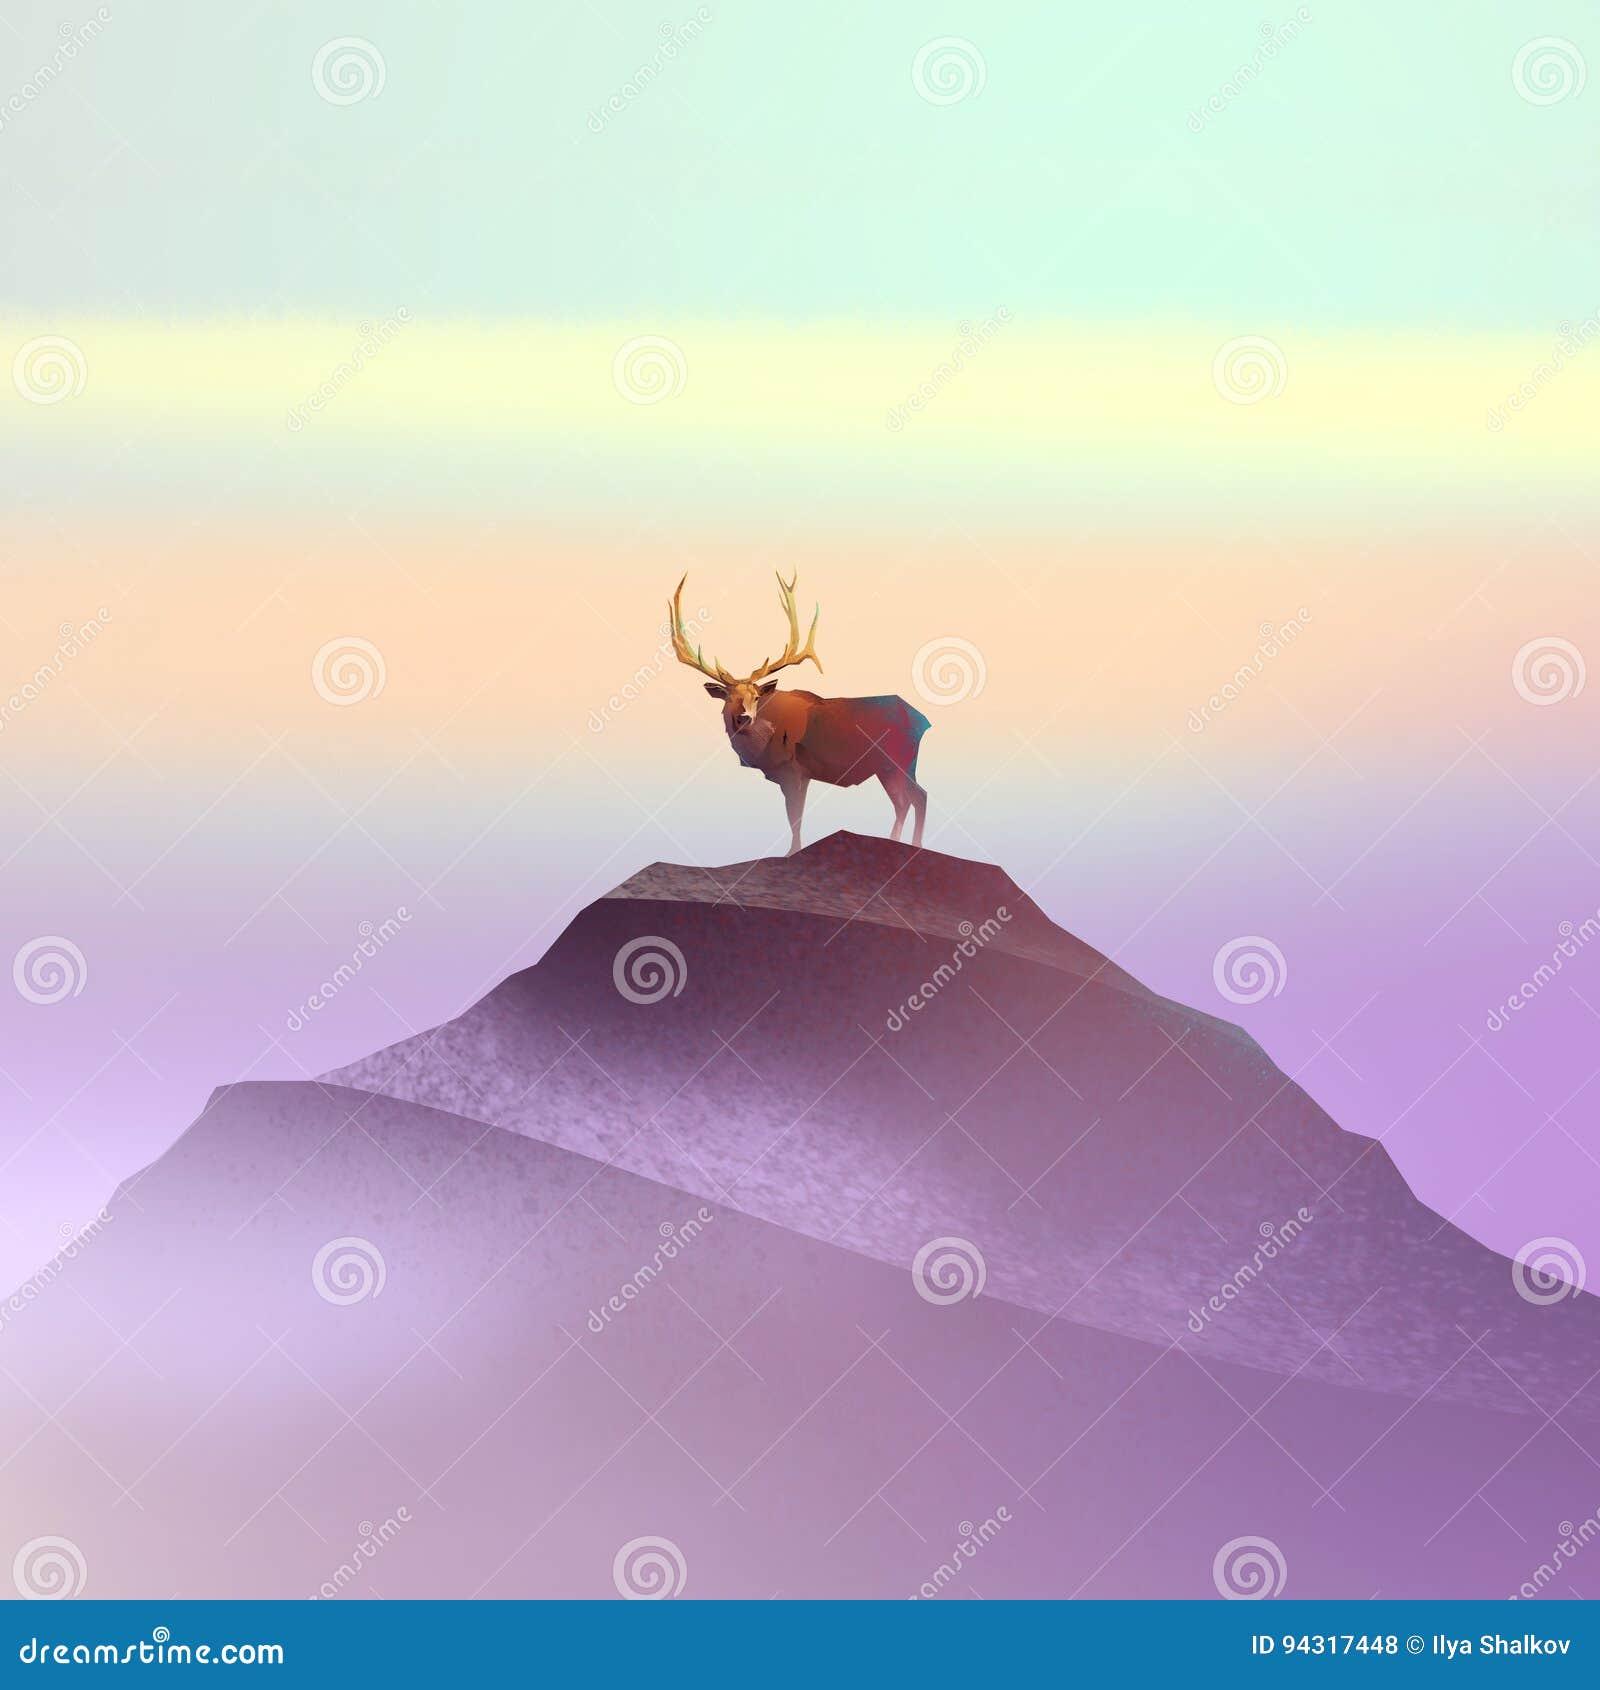 Colora o desenho de um cervo na montanha